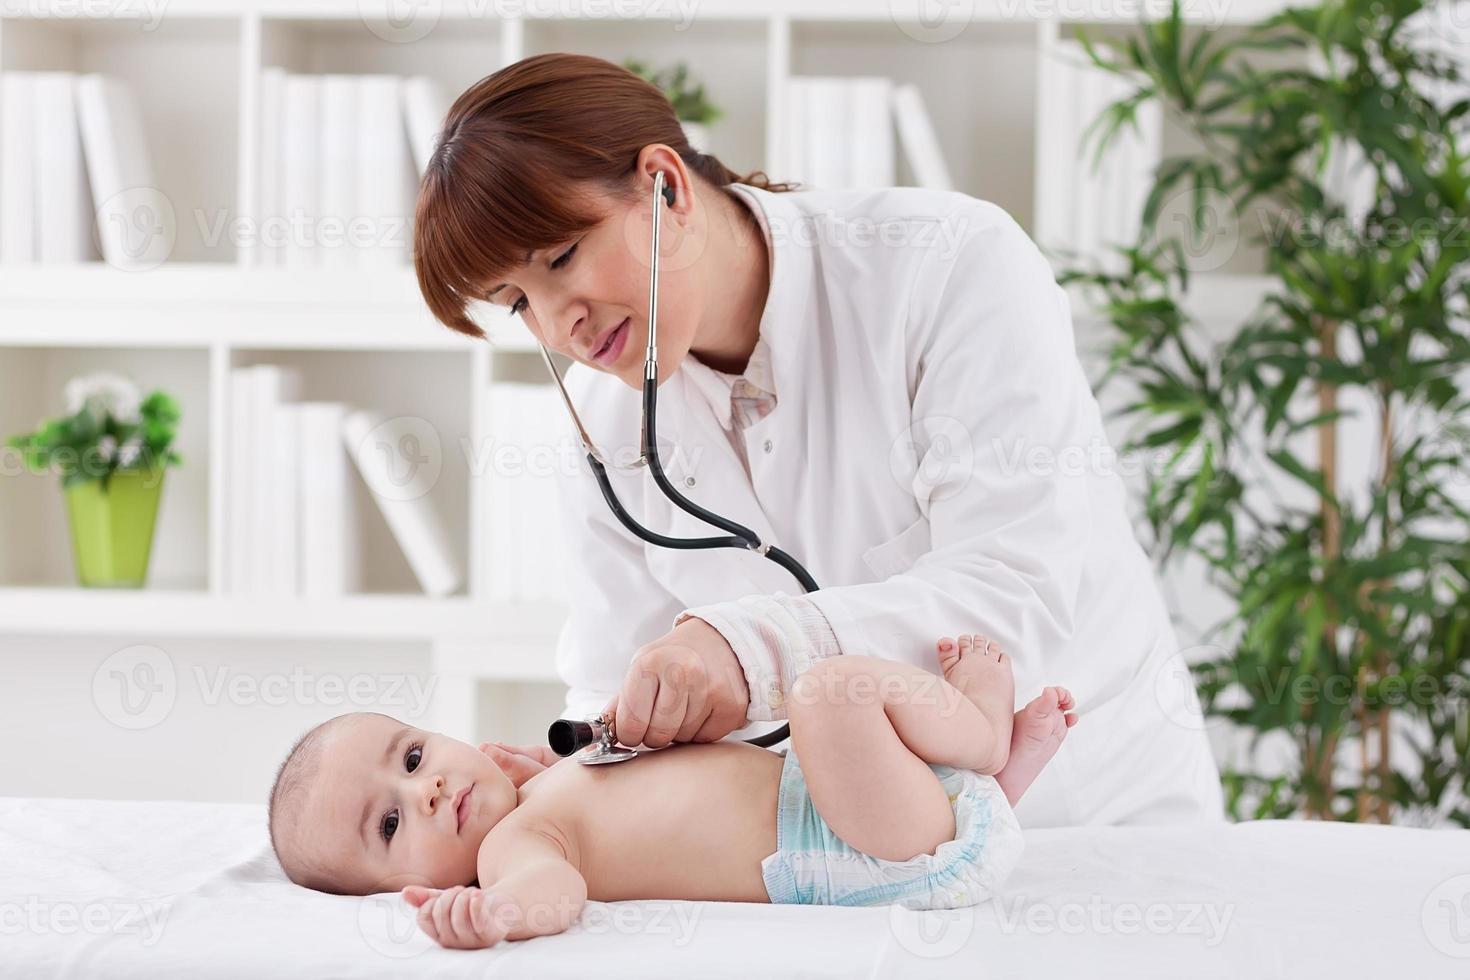 giovane dottoressa esaminando un paziente bambino foto